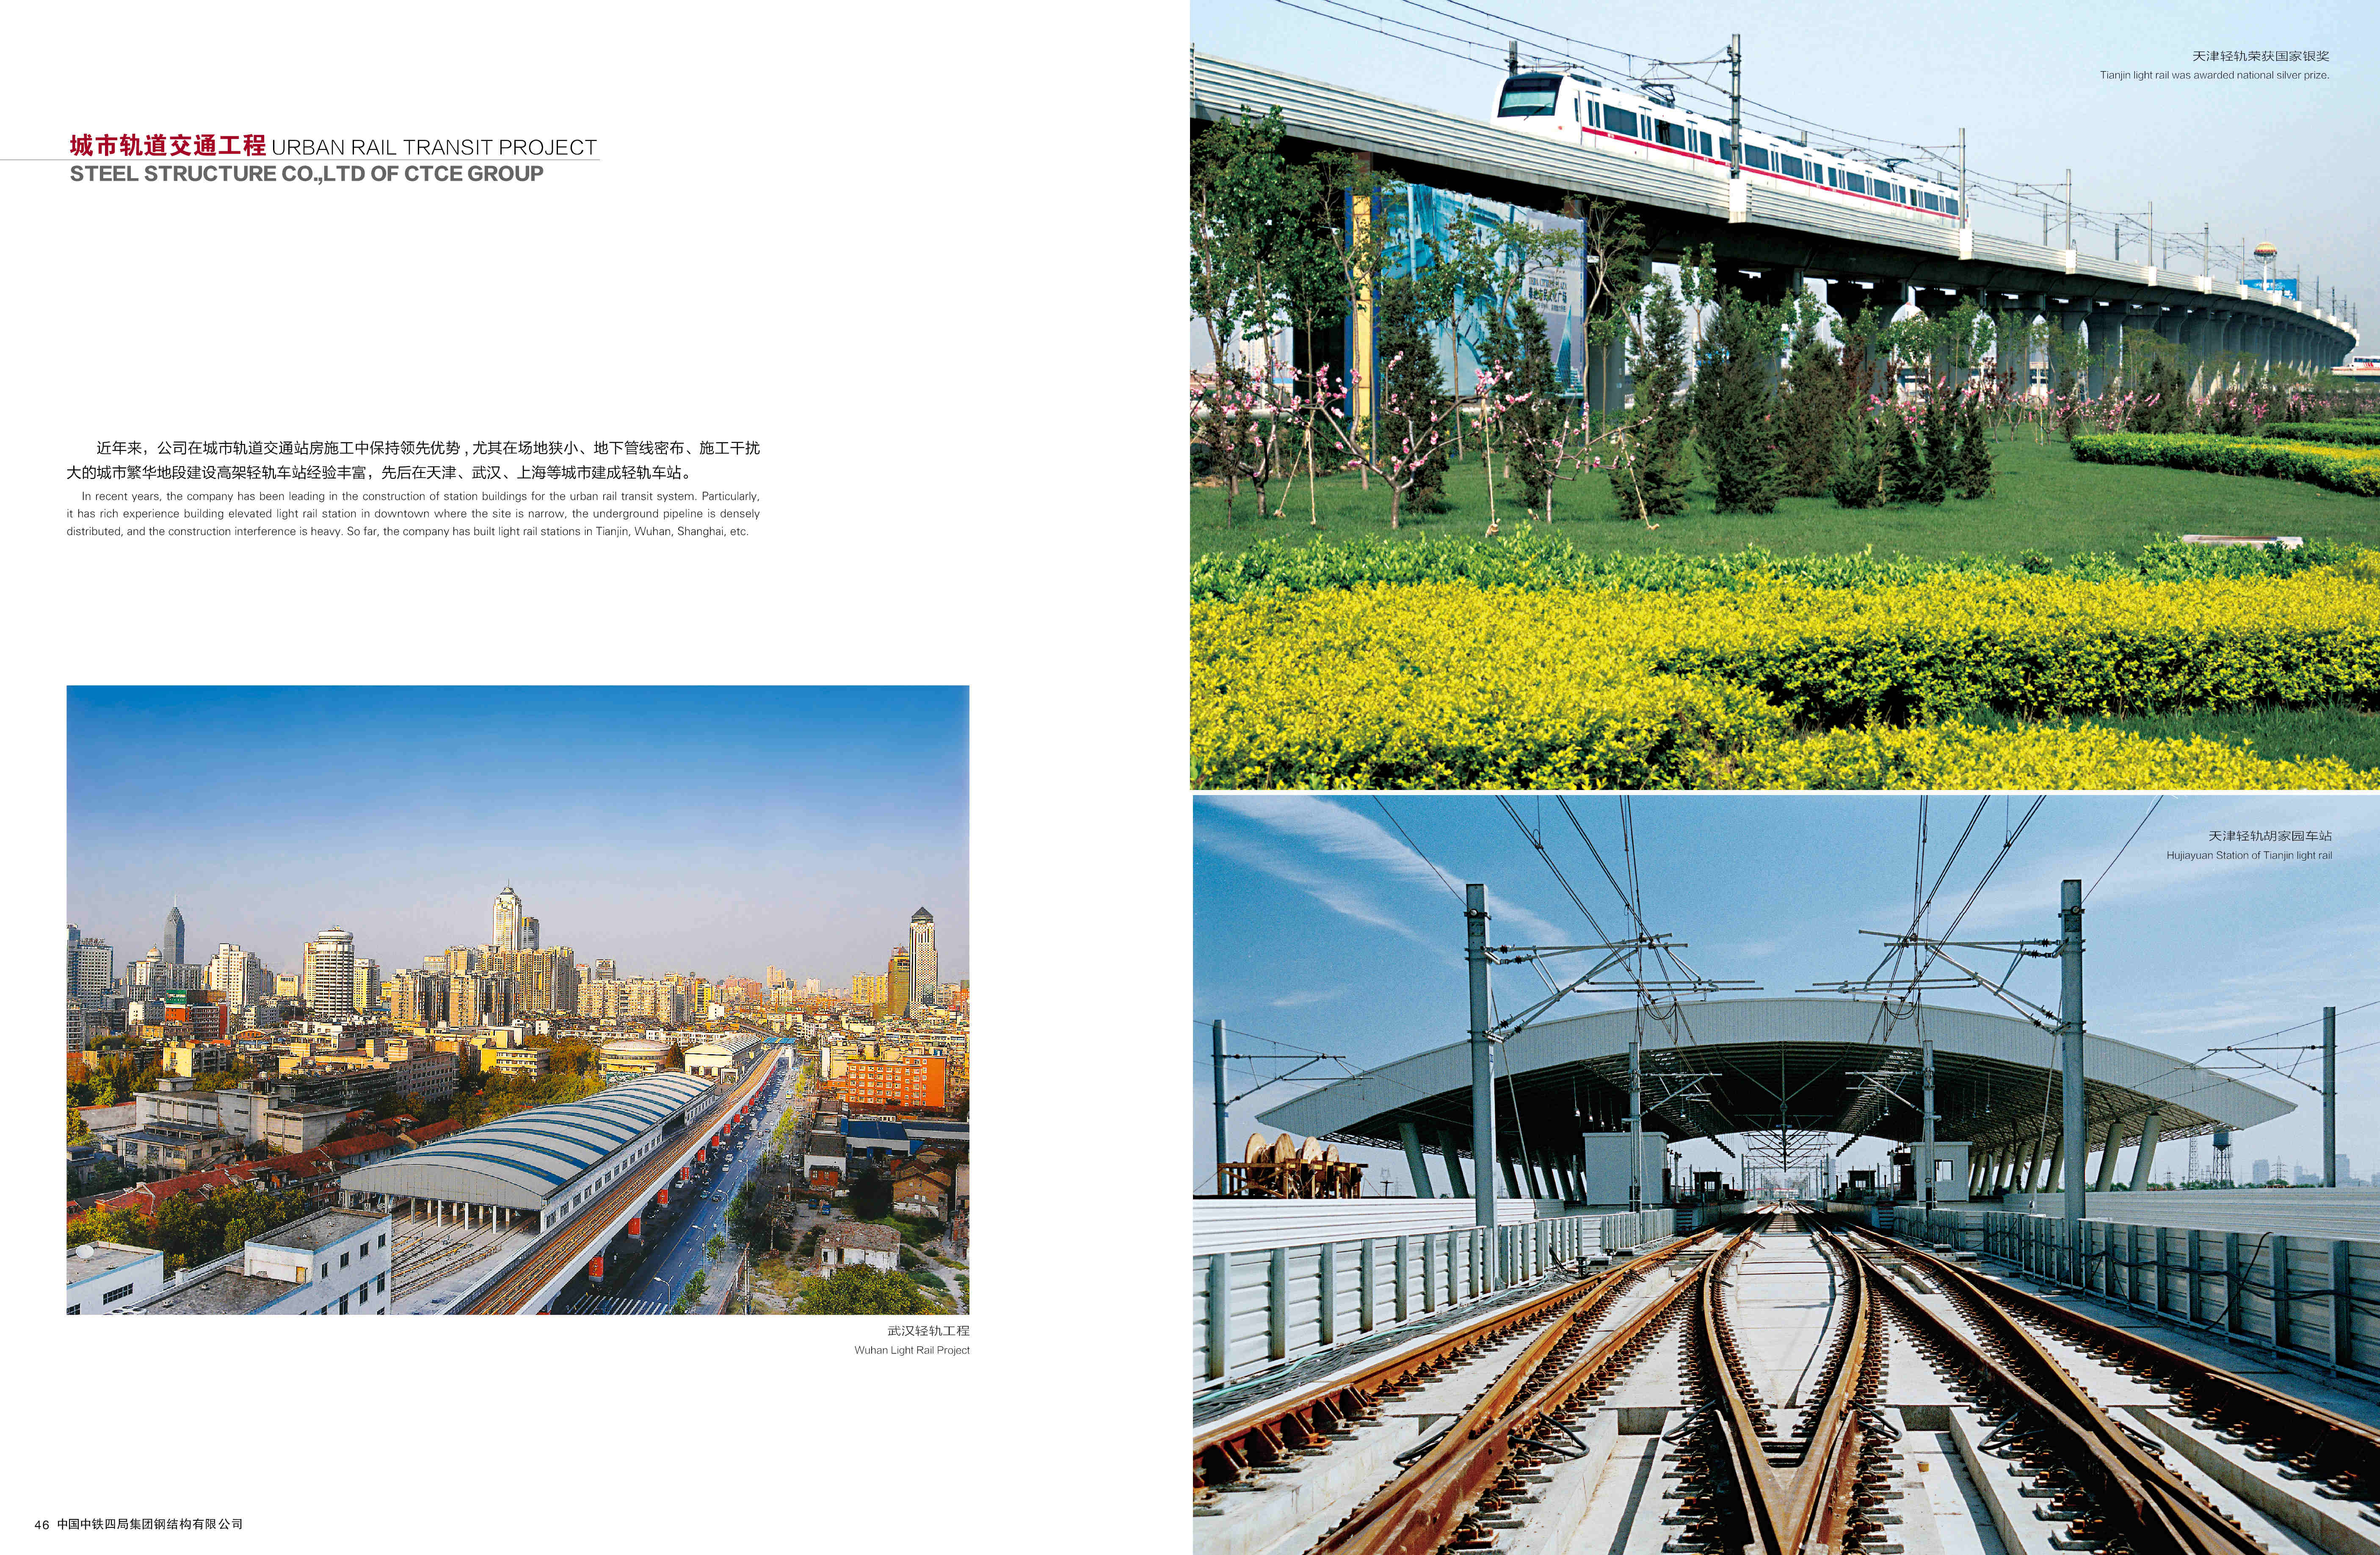 城市轨道交通工程